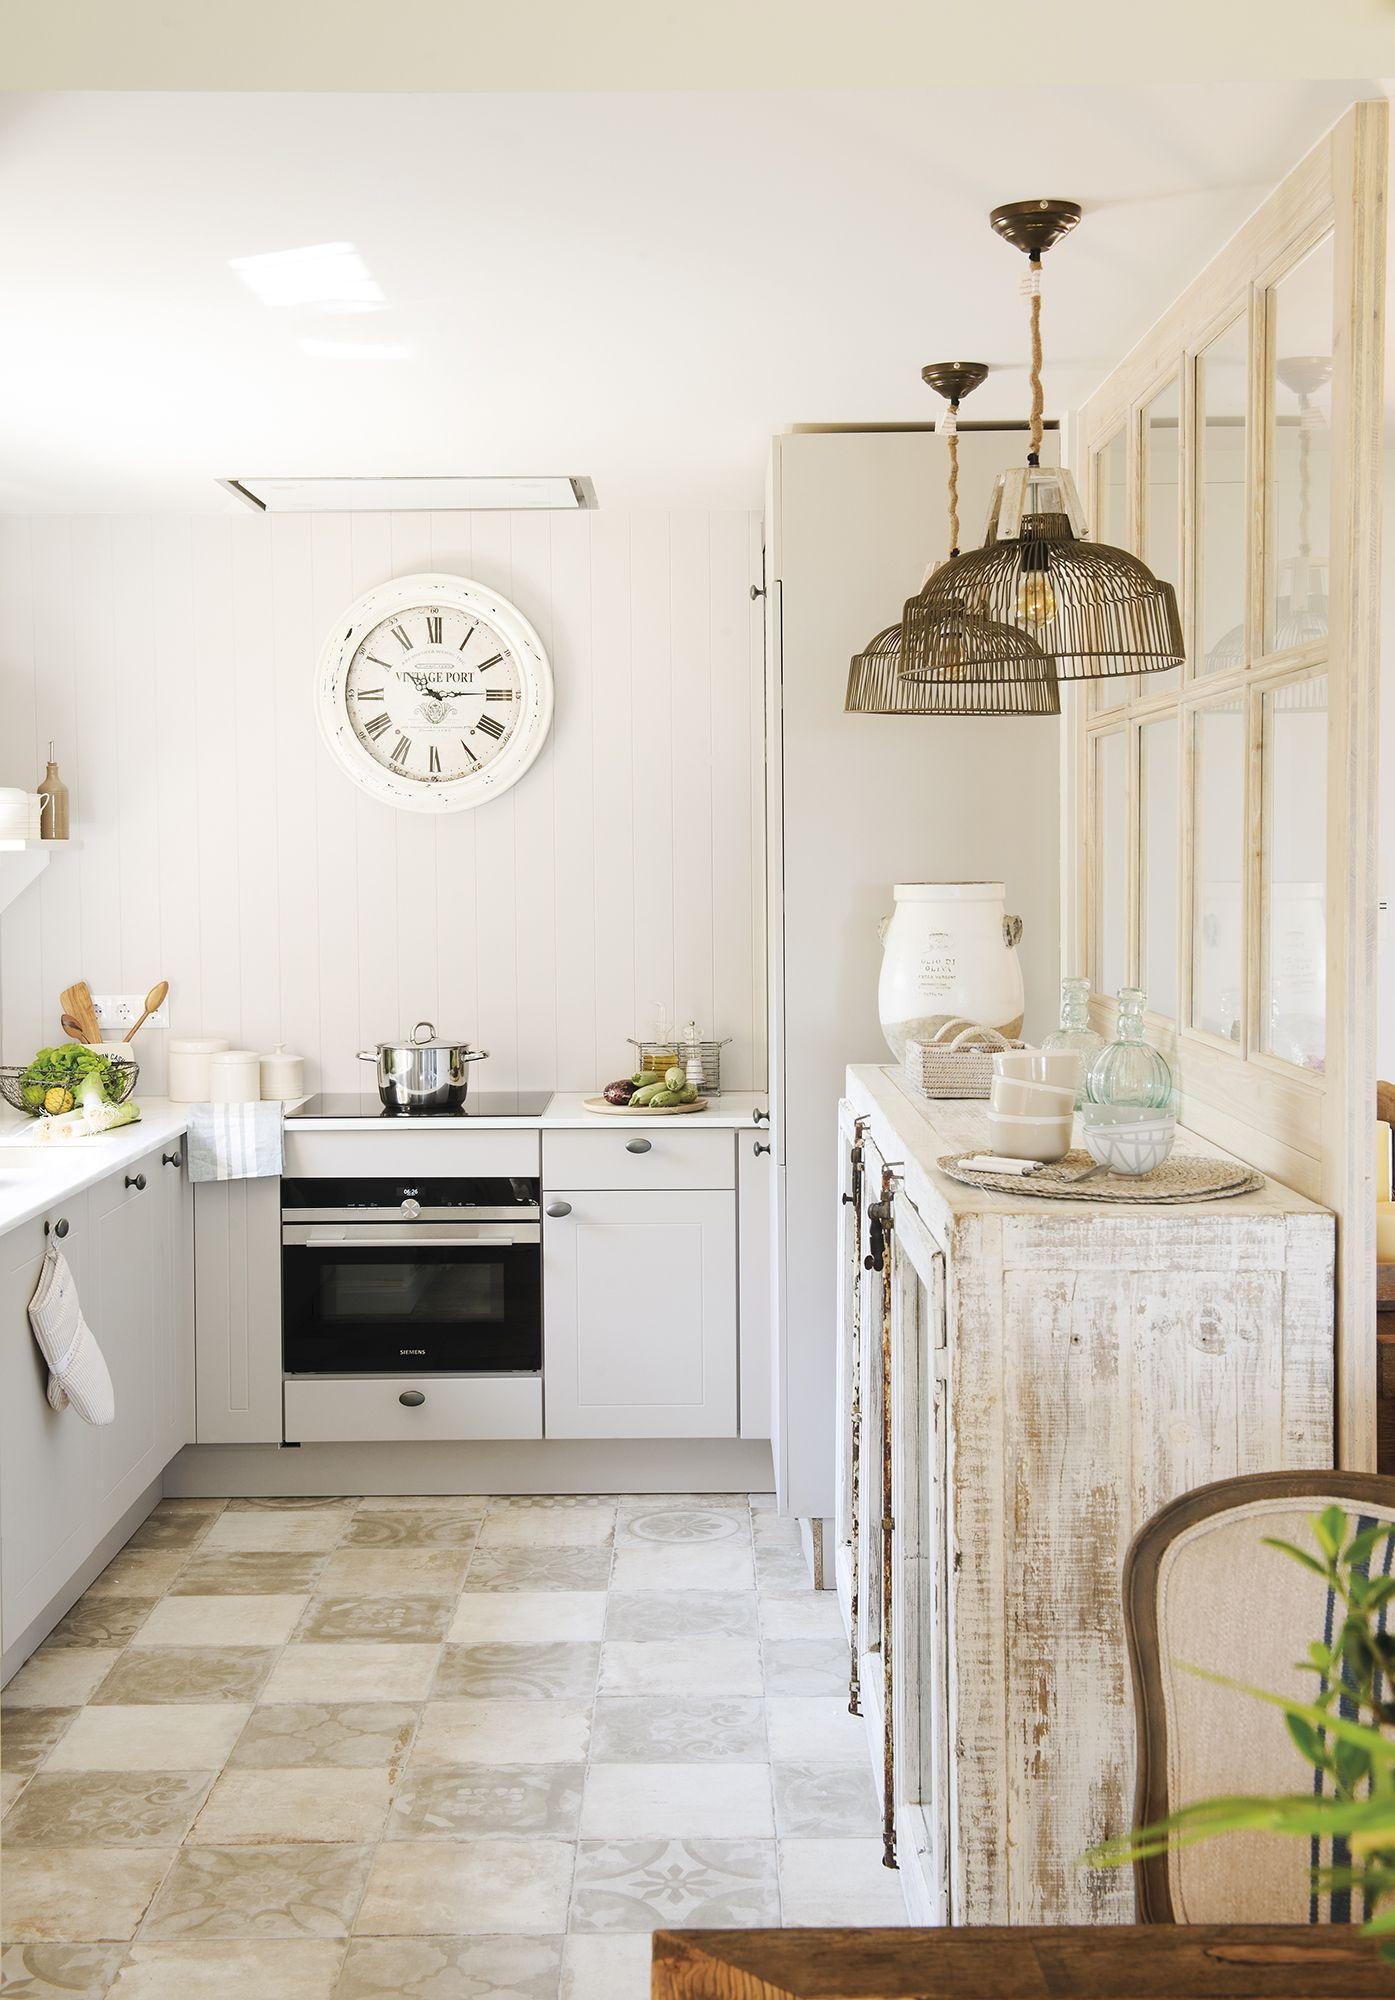 La cocina se queda en blanco | Cocina blanca, Blanco y Colores blancos